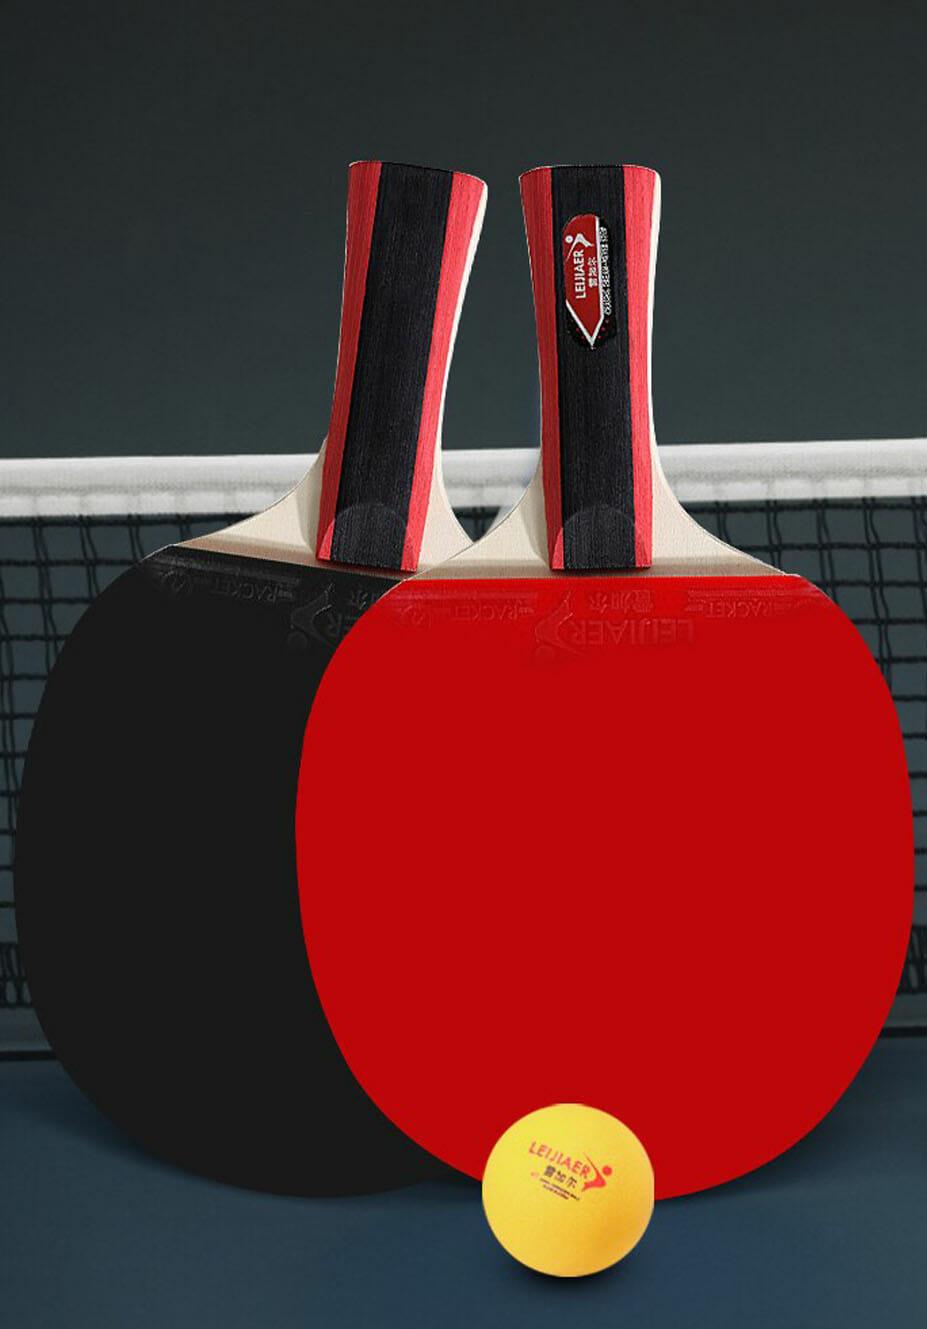 Zajęcia z tenisa stołowego odwołane do dnia 26.10